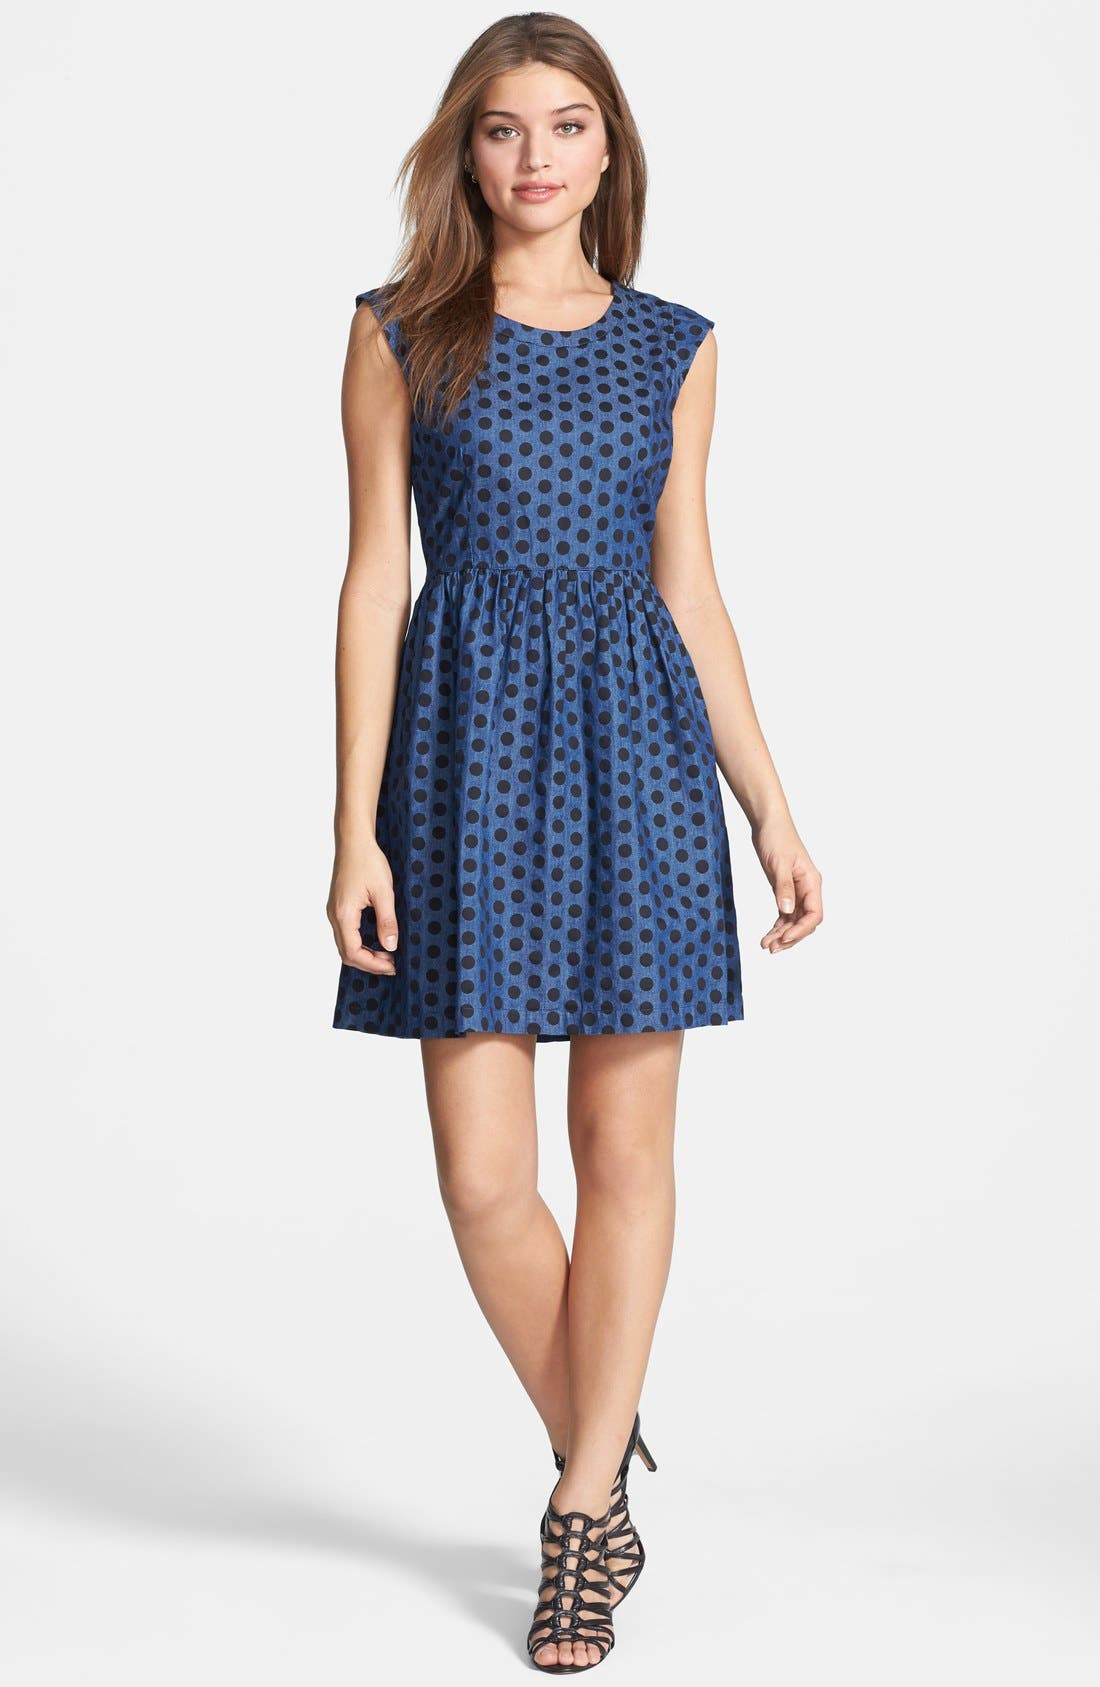 Alternate Image 1 Selected - Dex Denim Dot Fit & Flare Dress